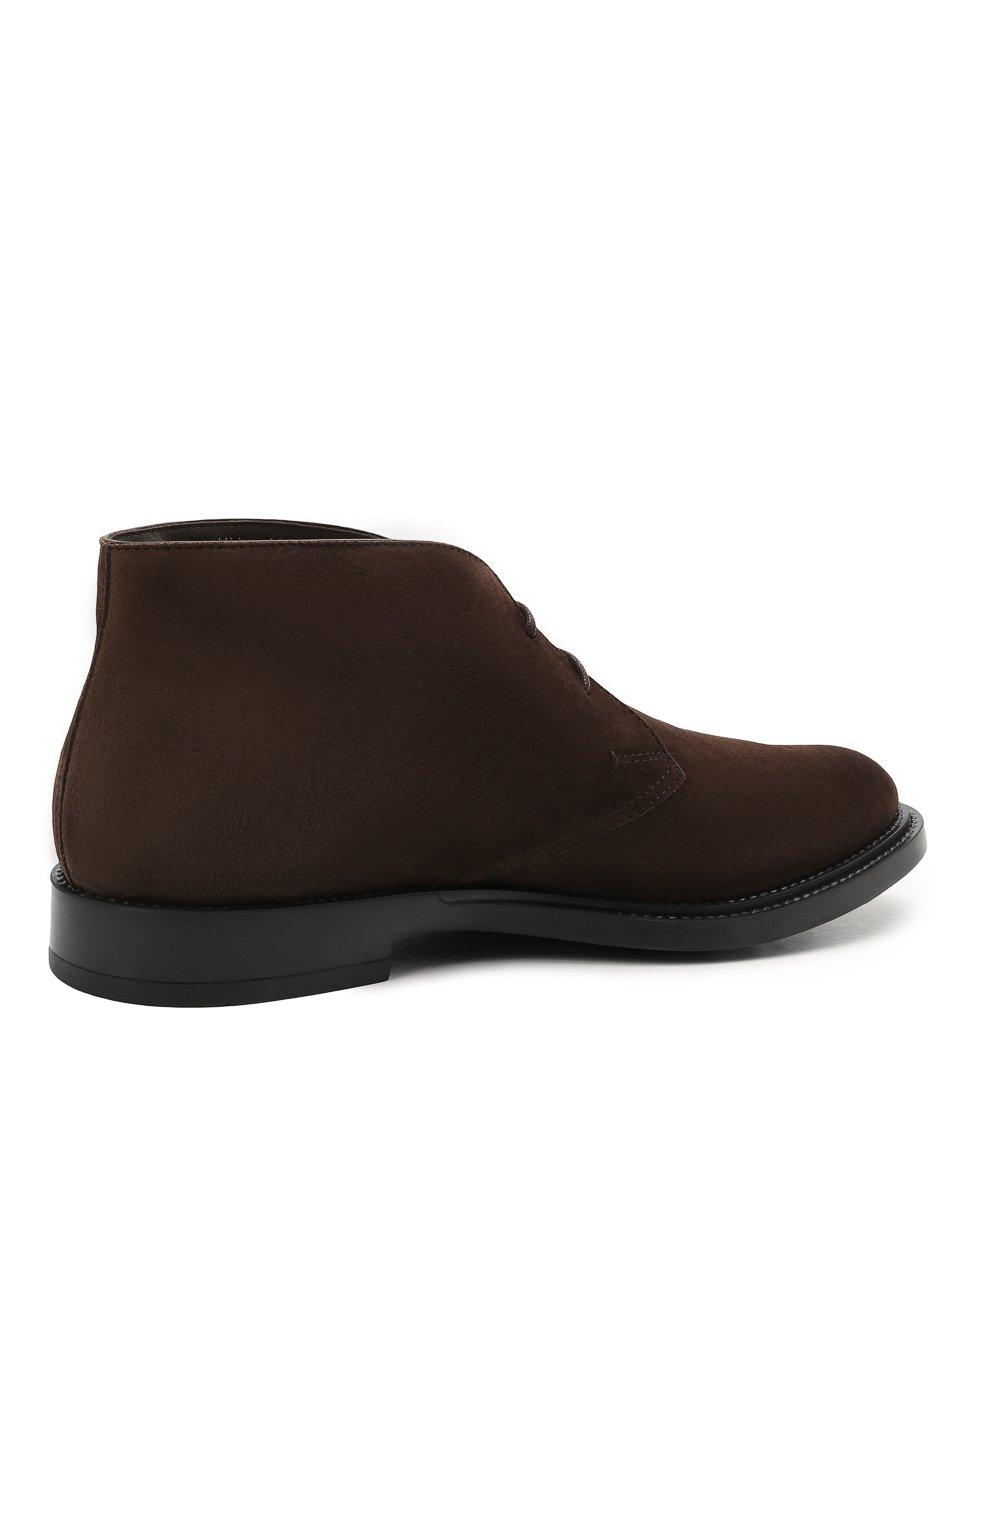 Мужские замшевые ботинки TOD'S темно-коричневого цвета, арт. XXM62C0DH60RE0   Фото 4 (Мужское Кросс-КТ: Ботинки-обувь, Дезерты-обувь; Материал внутренний: Натуральная кожа; Подошва: Плоская; Материал внешний: Замша)